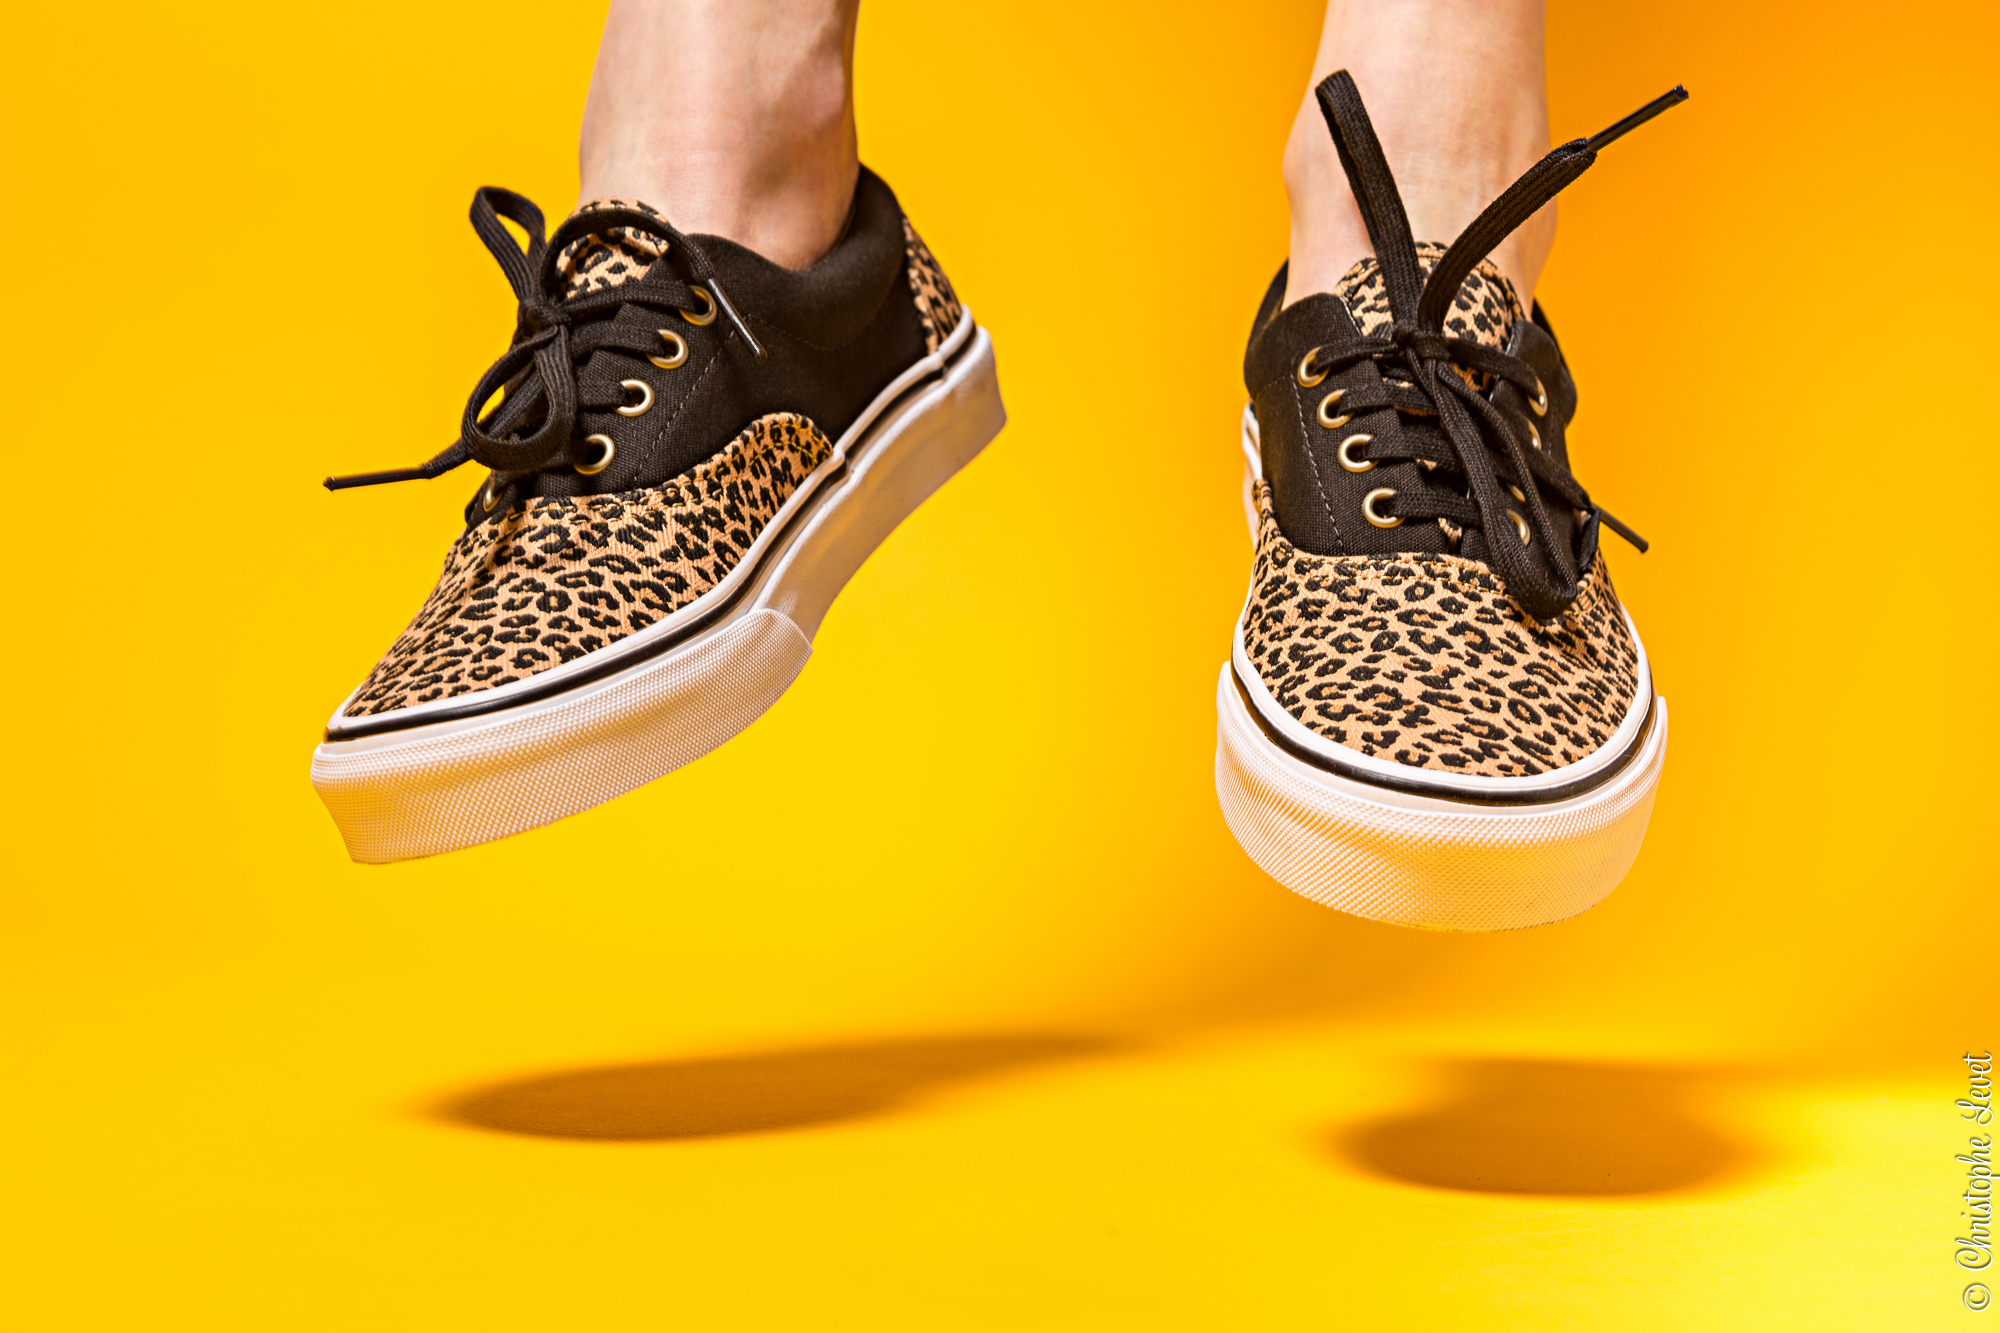 Photographie en mode lifestyle de chaussures Vans